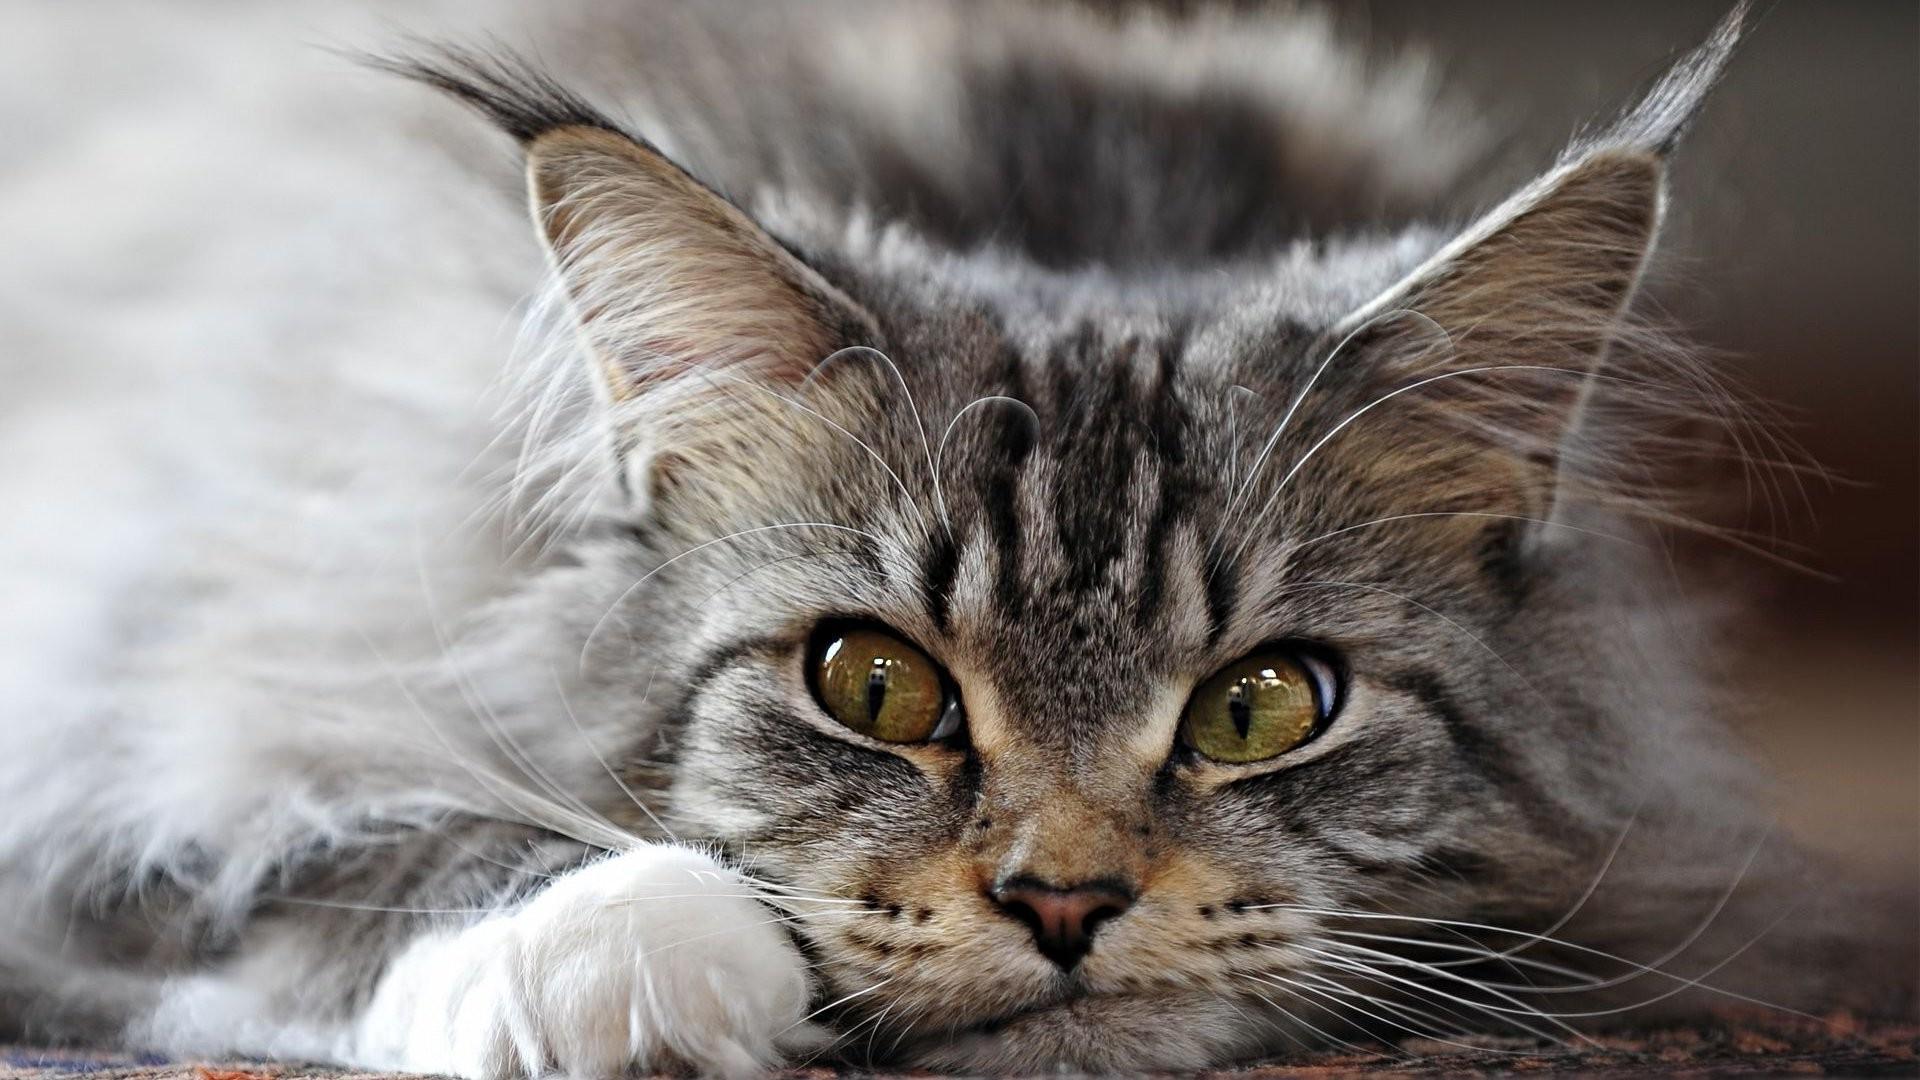 Sfondi barba maine coon gatto selvatico fauna for Gatto della foresta norvegese